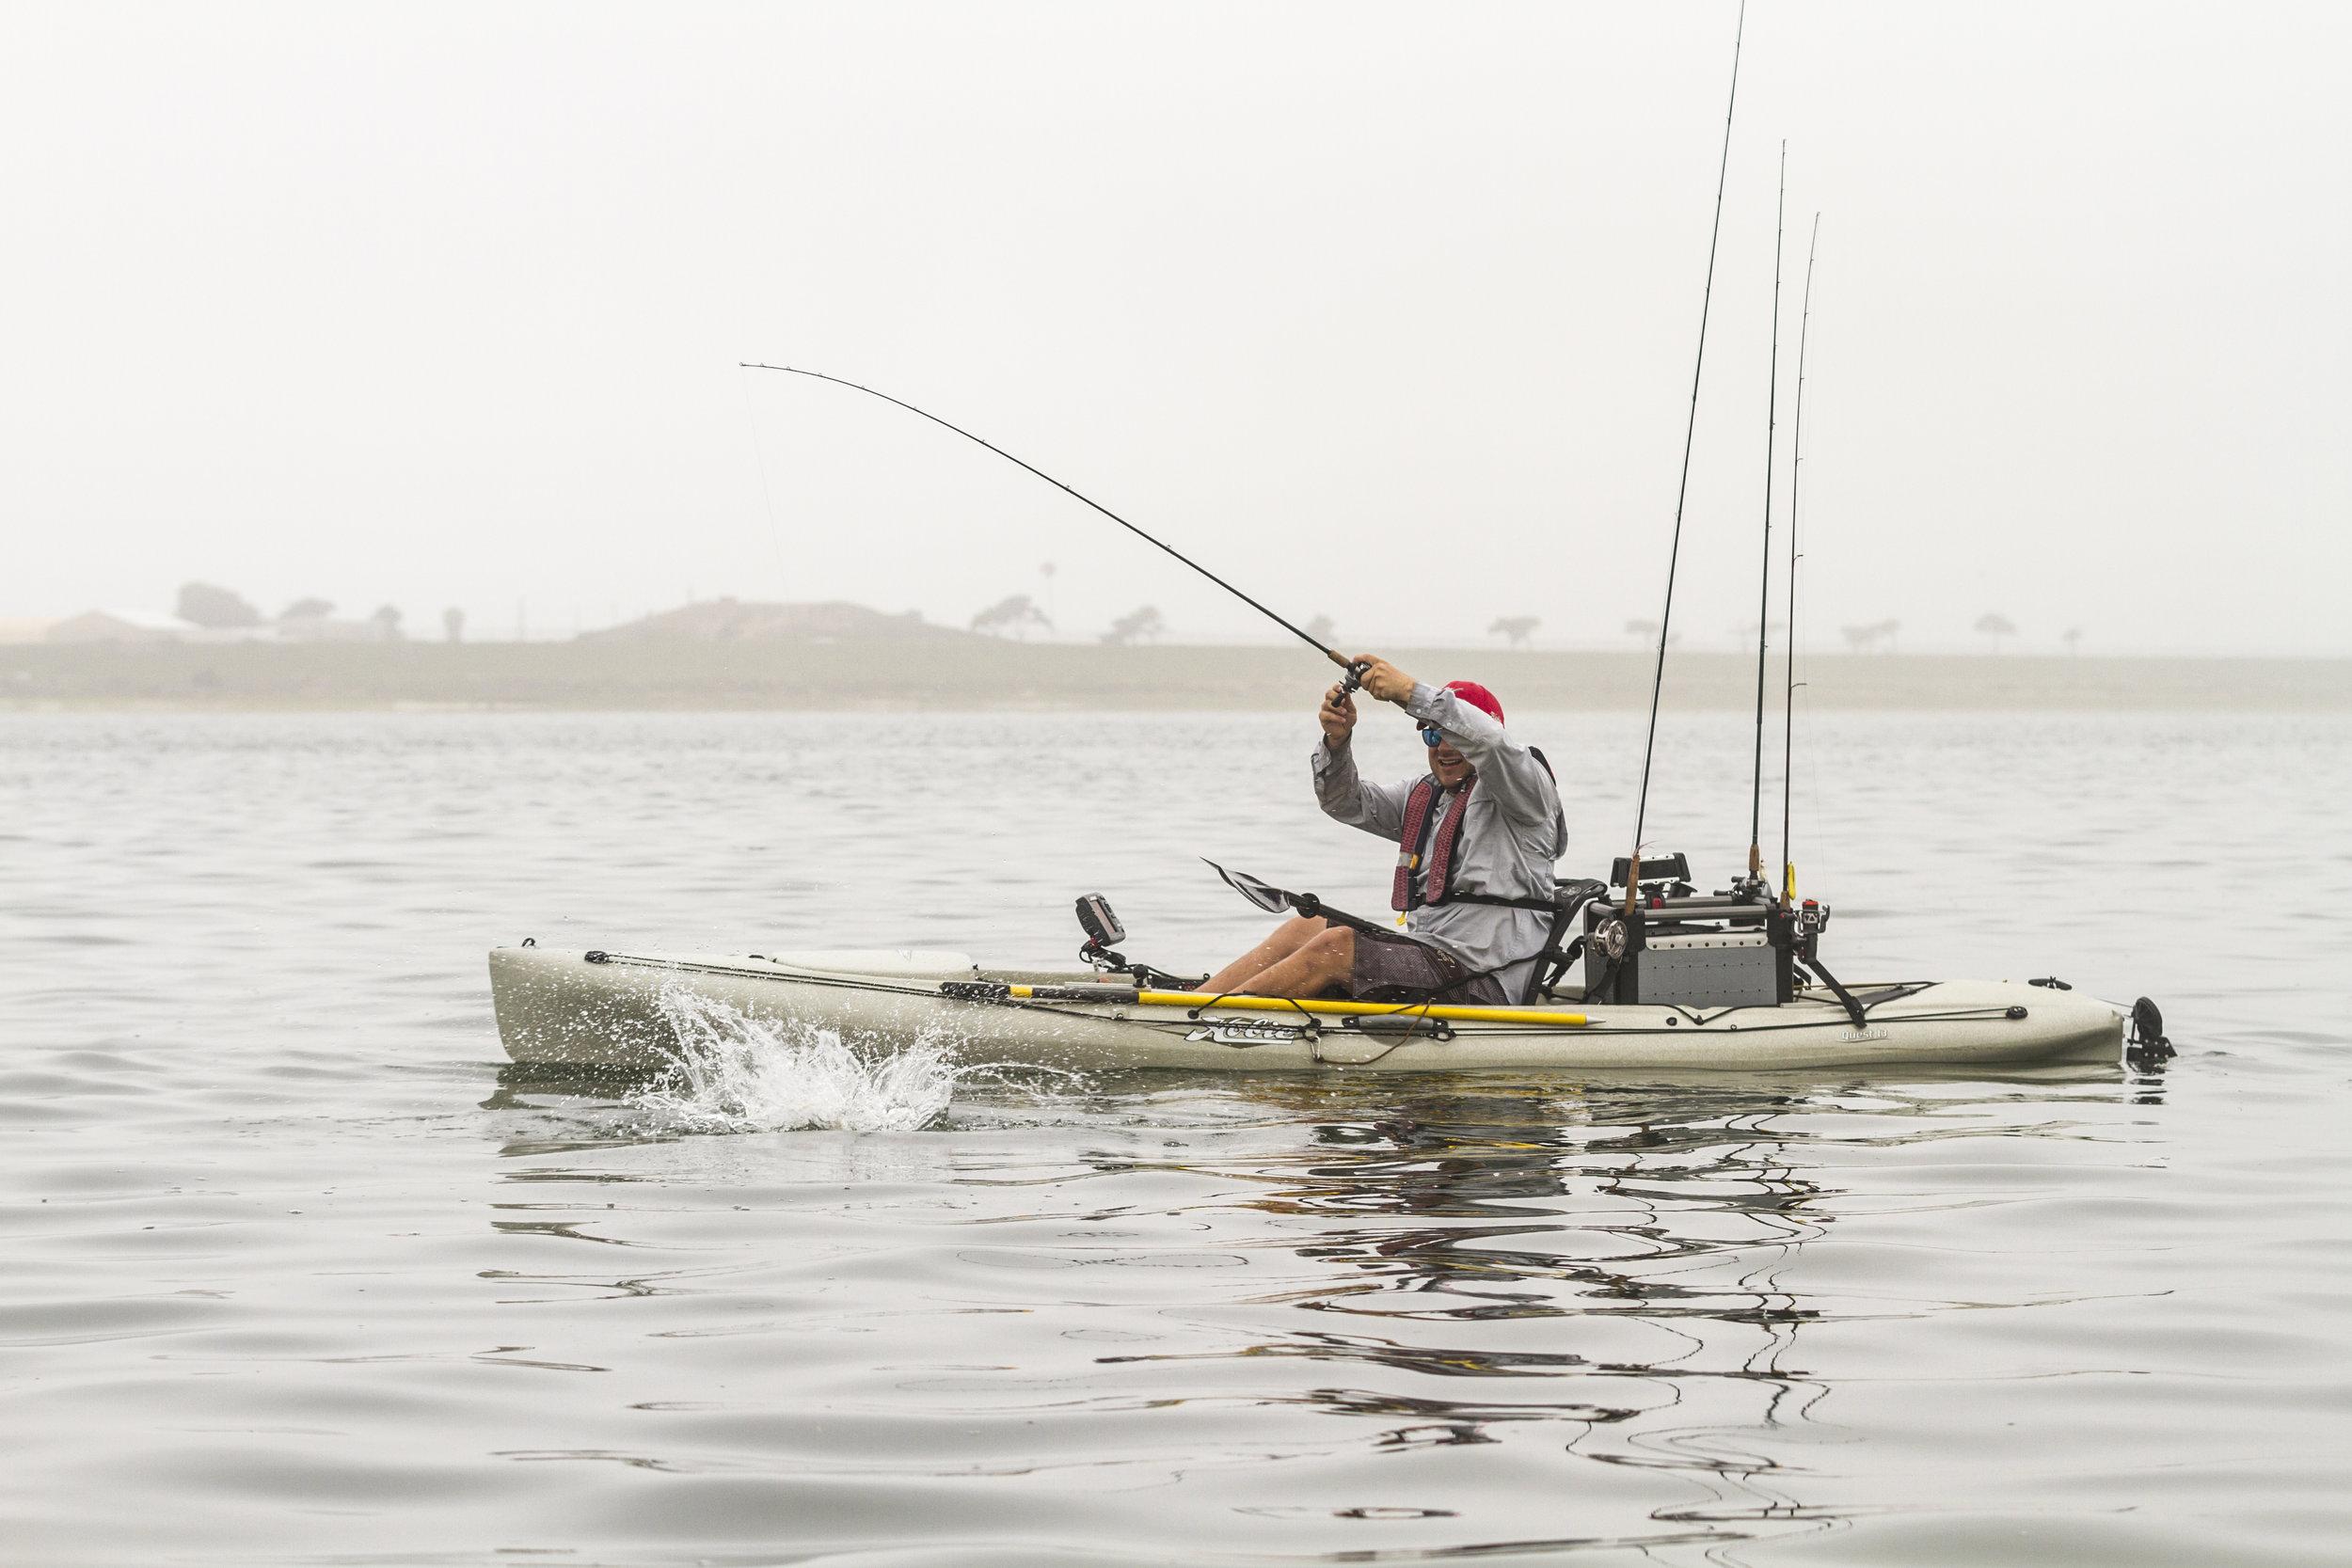 Quest13_fishing_foggy_Shane_dune_splash_9108_full.jpg